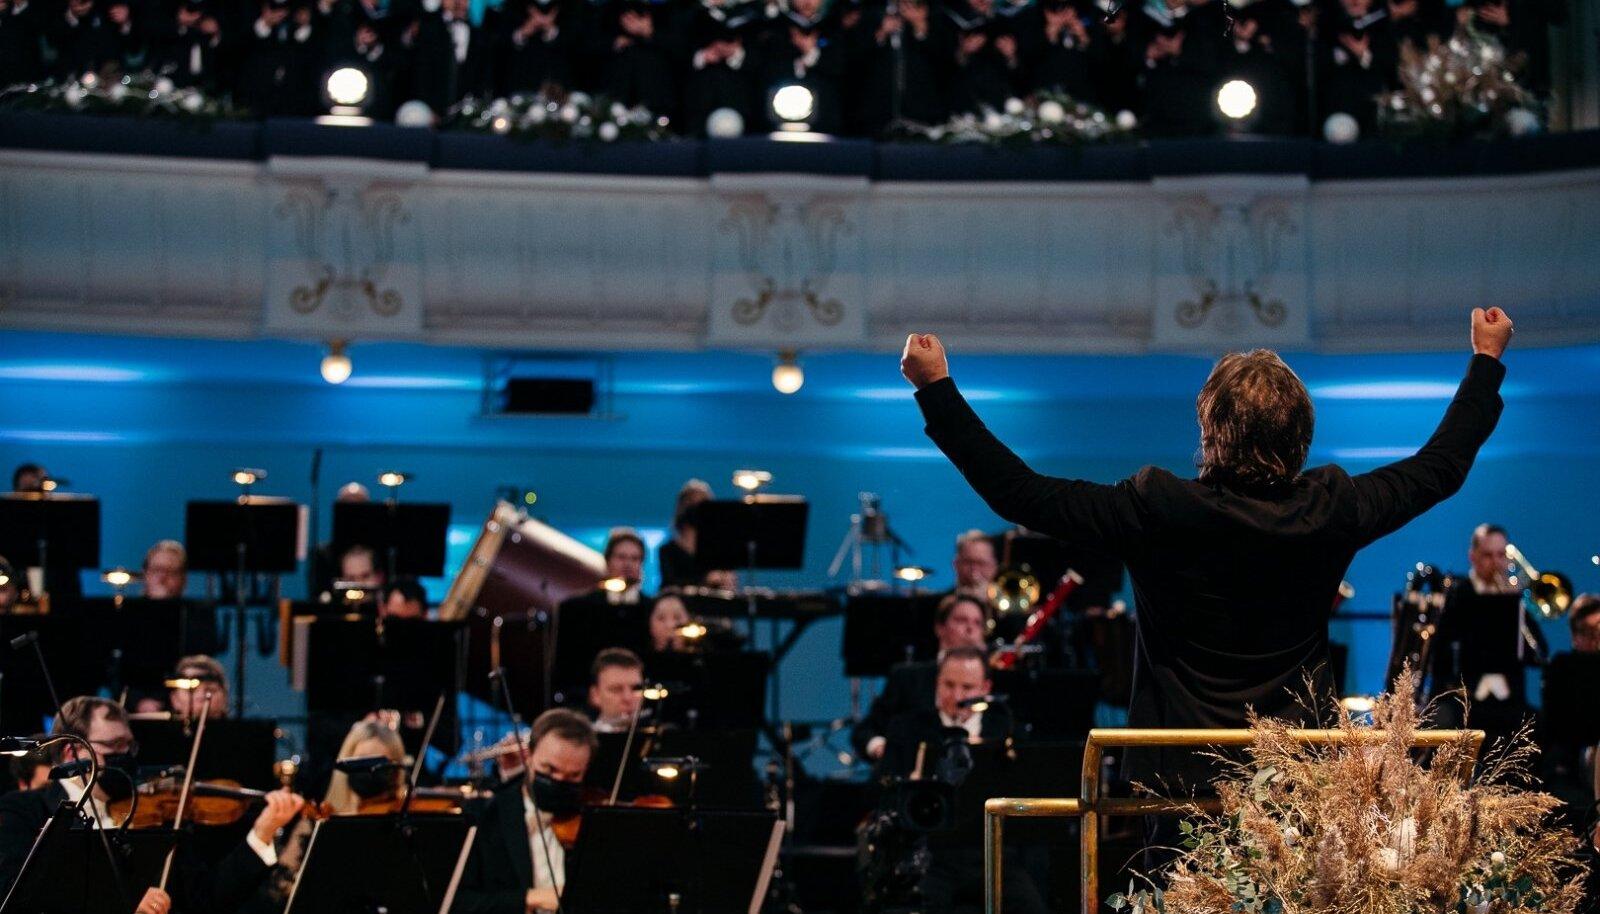 Eesti Kontserdi uusaastakontserti salvestis jõuab 1. jaanuari õhtul ETV eetrisse.